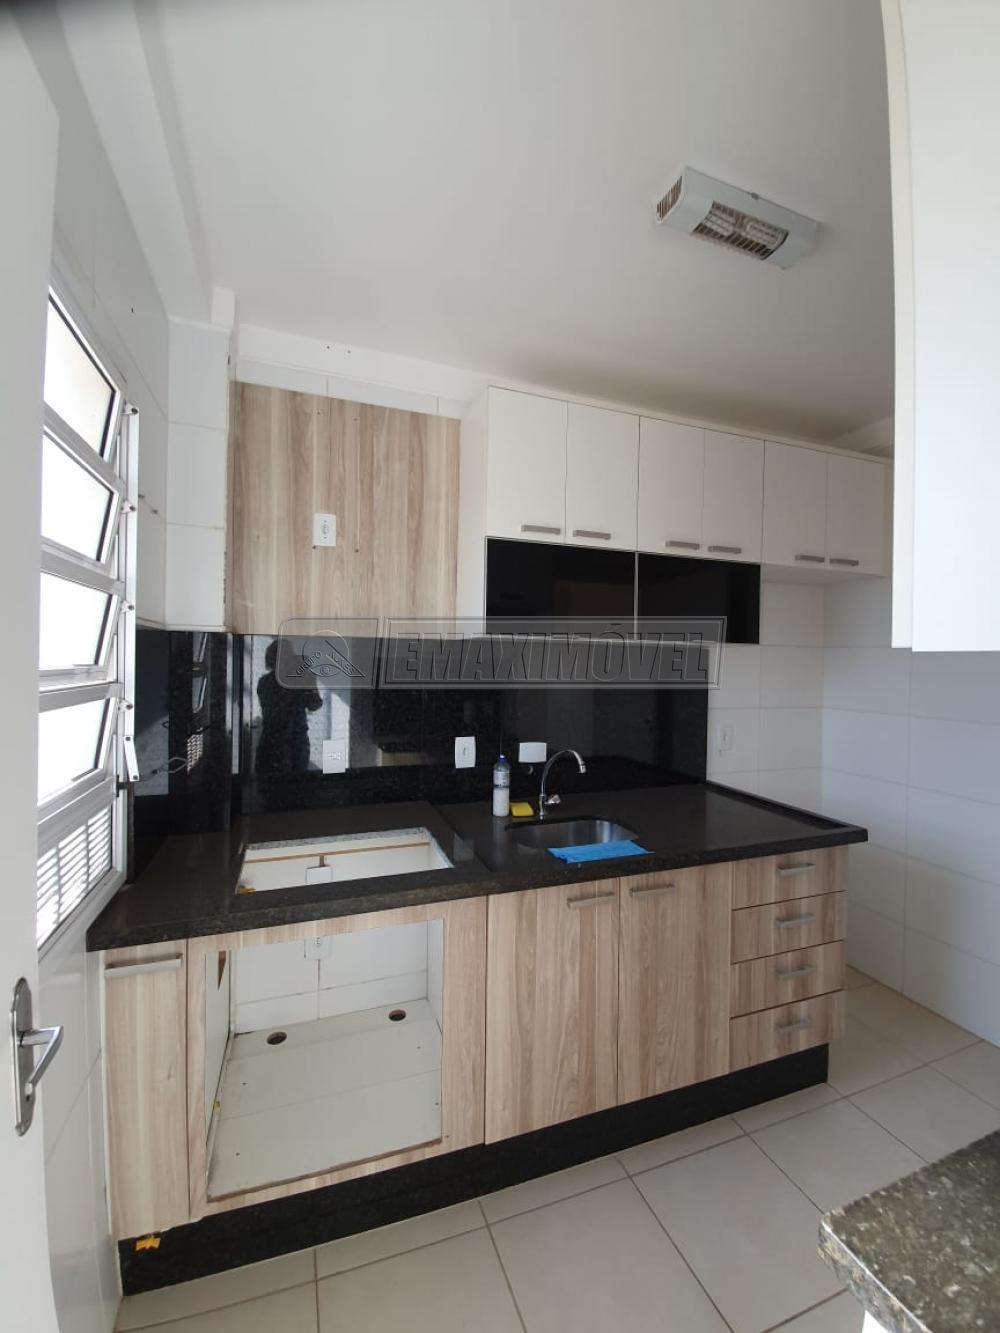 Comprar Apartamentos / Apto Padrão em Sorocaba apenas R$ 162.000,00 - Foto 14